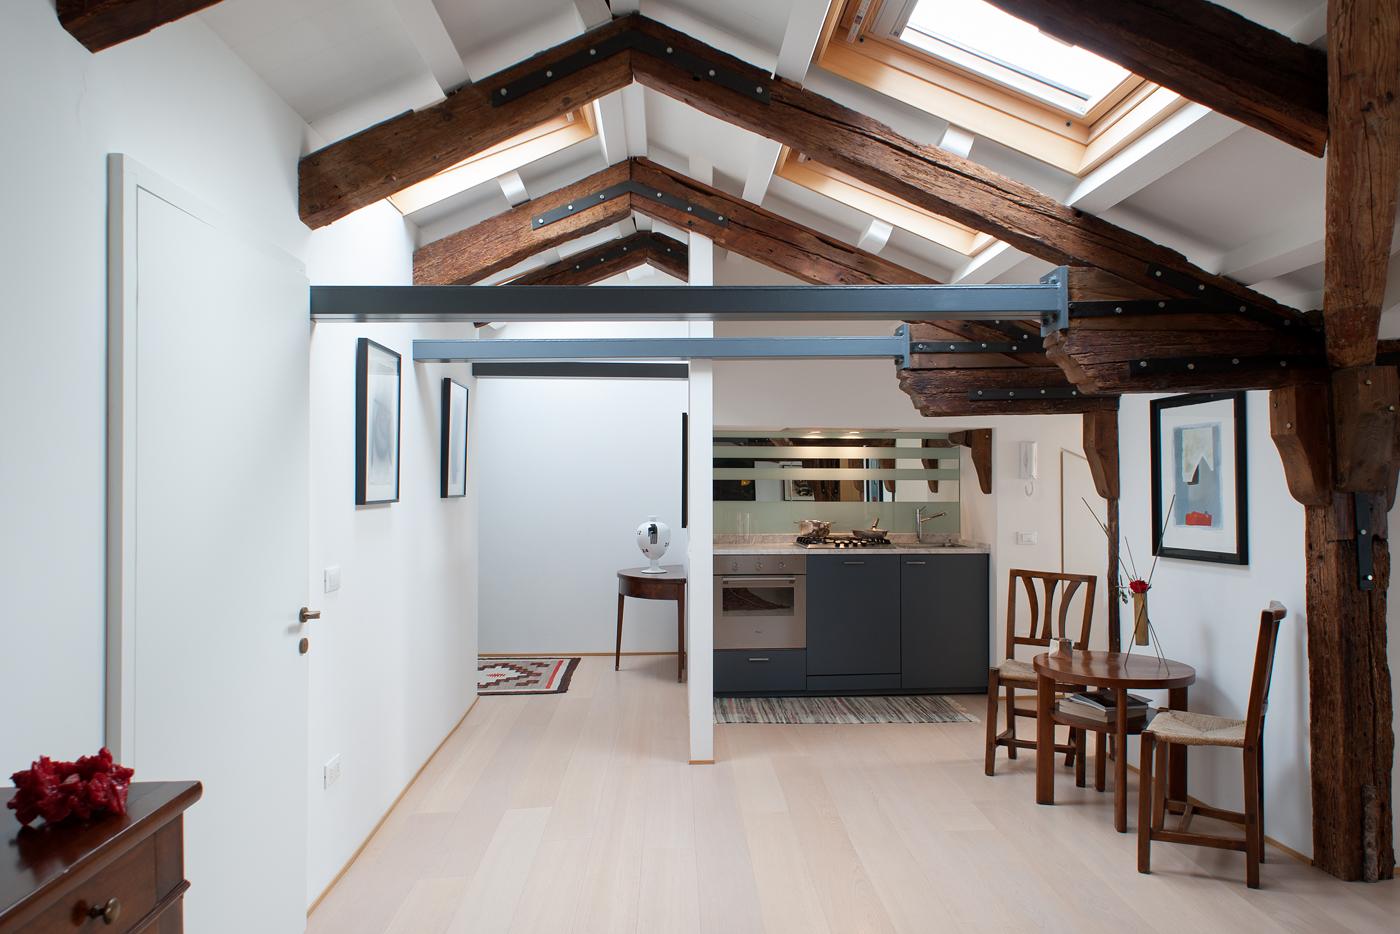 Arredamento d interni perfect la cucina gialla il salotto for Arredamento d interni